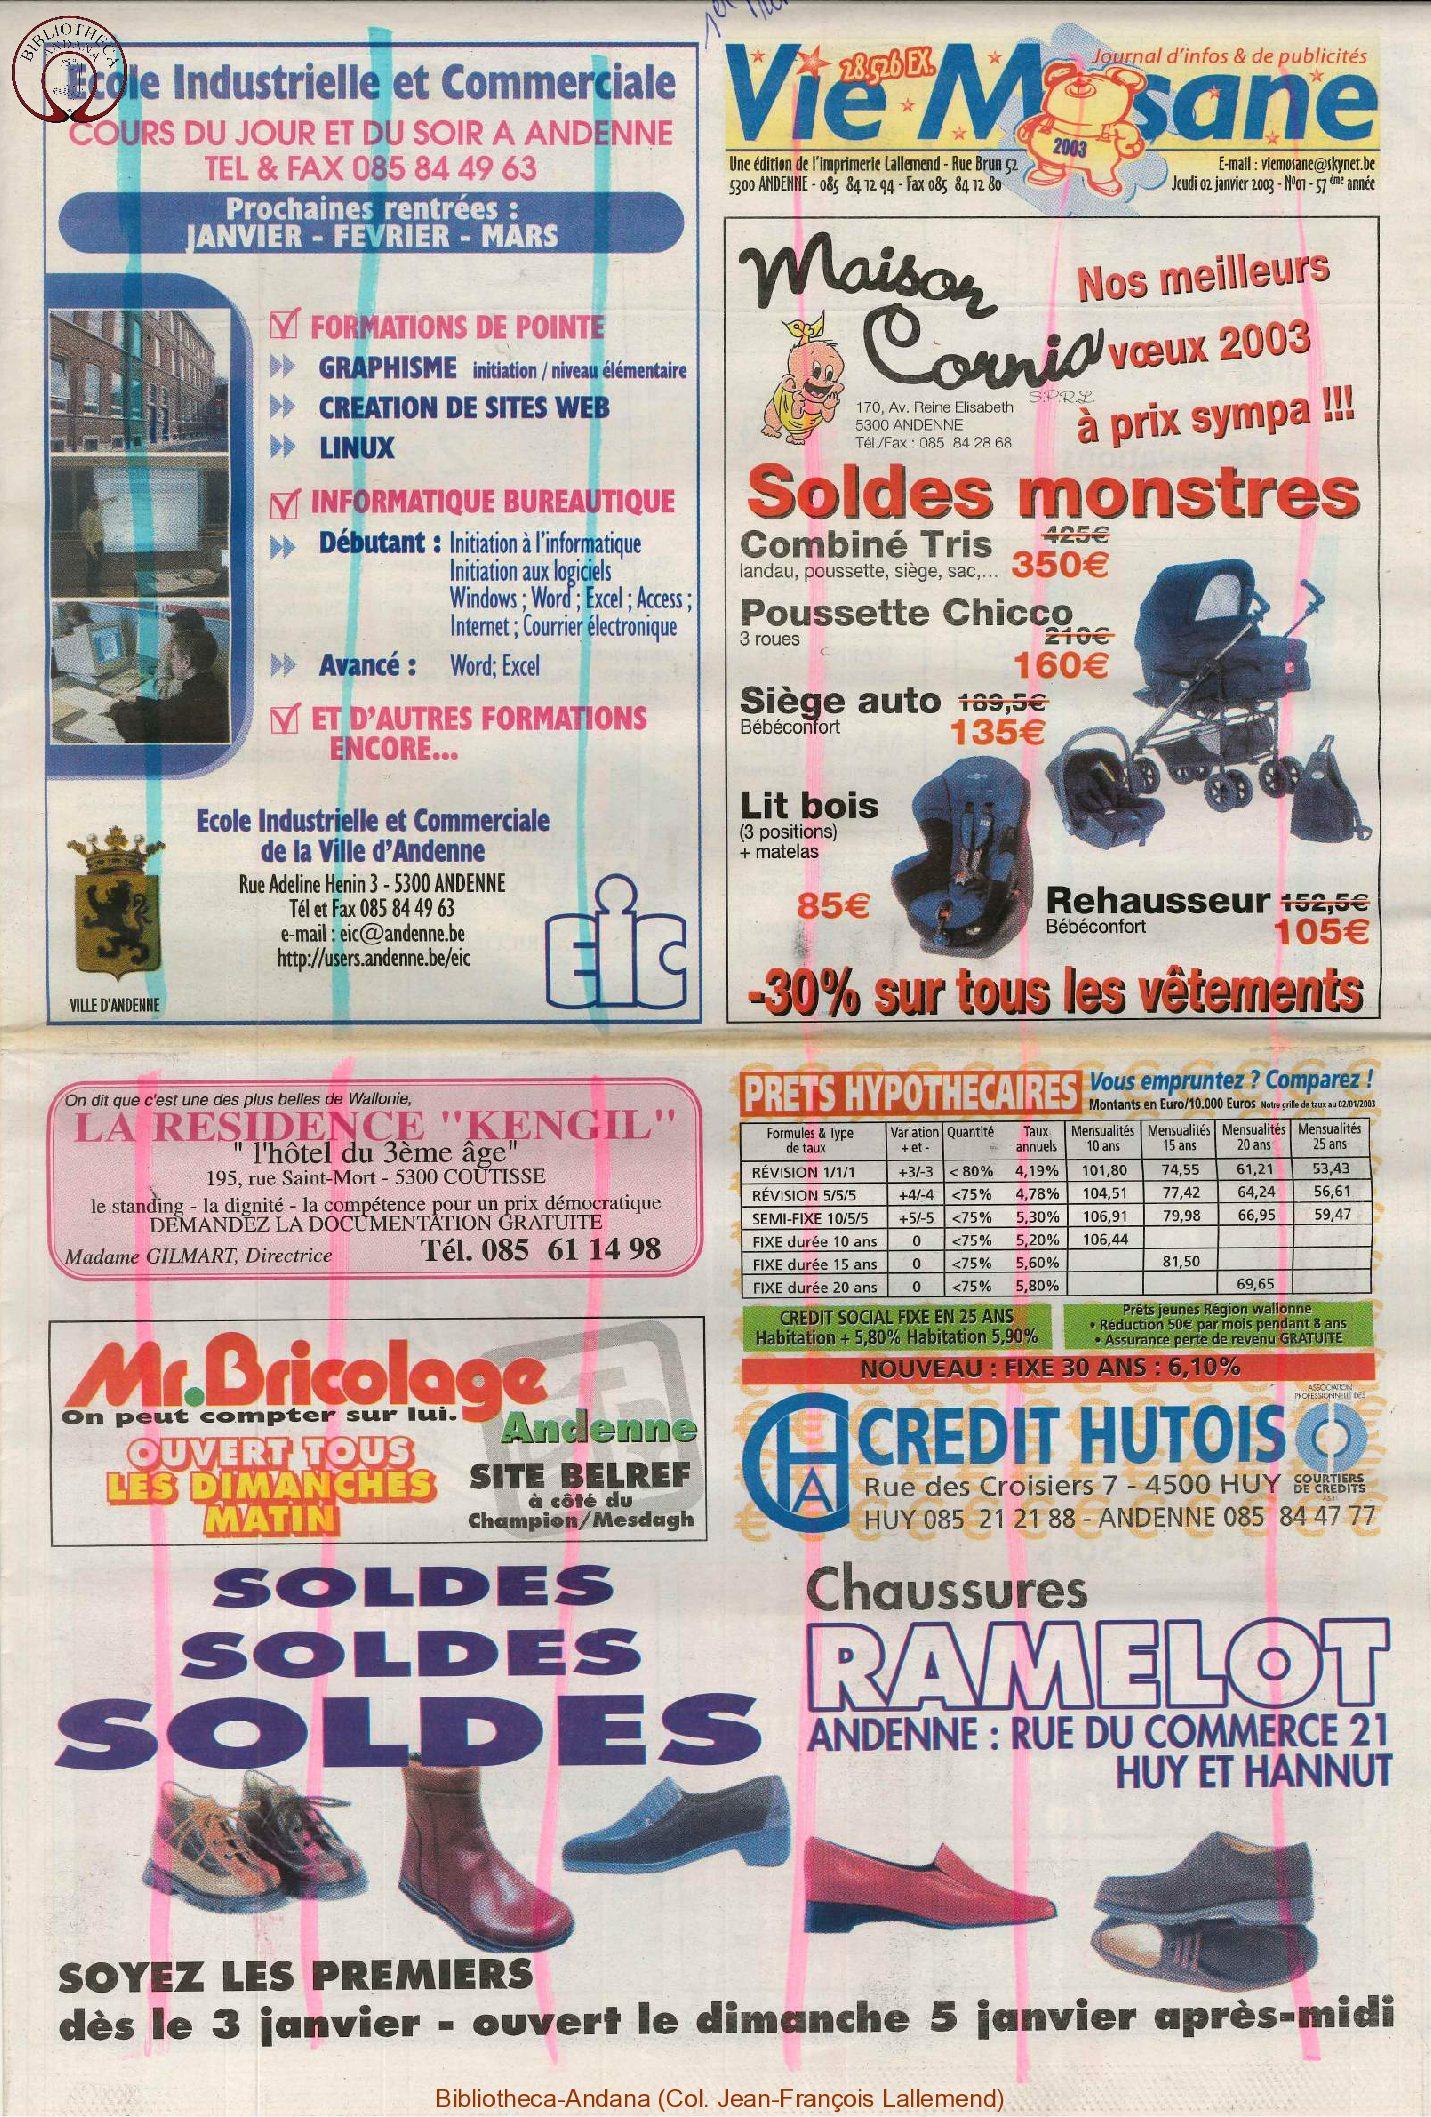 57e année - n°1 - 2 janvier 2003